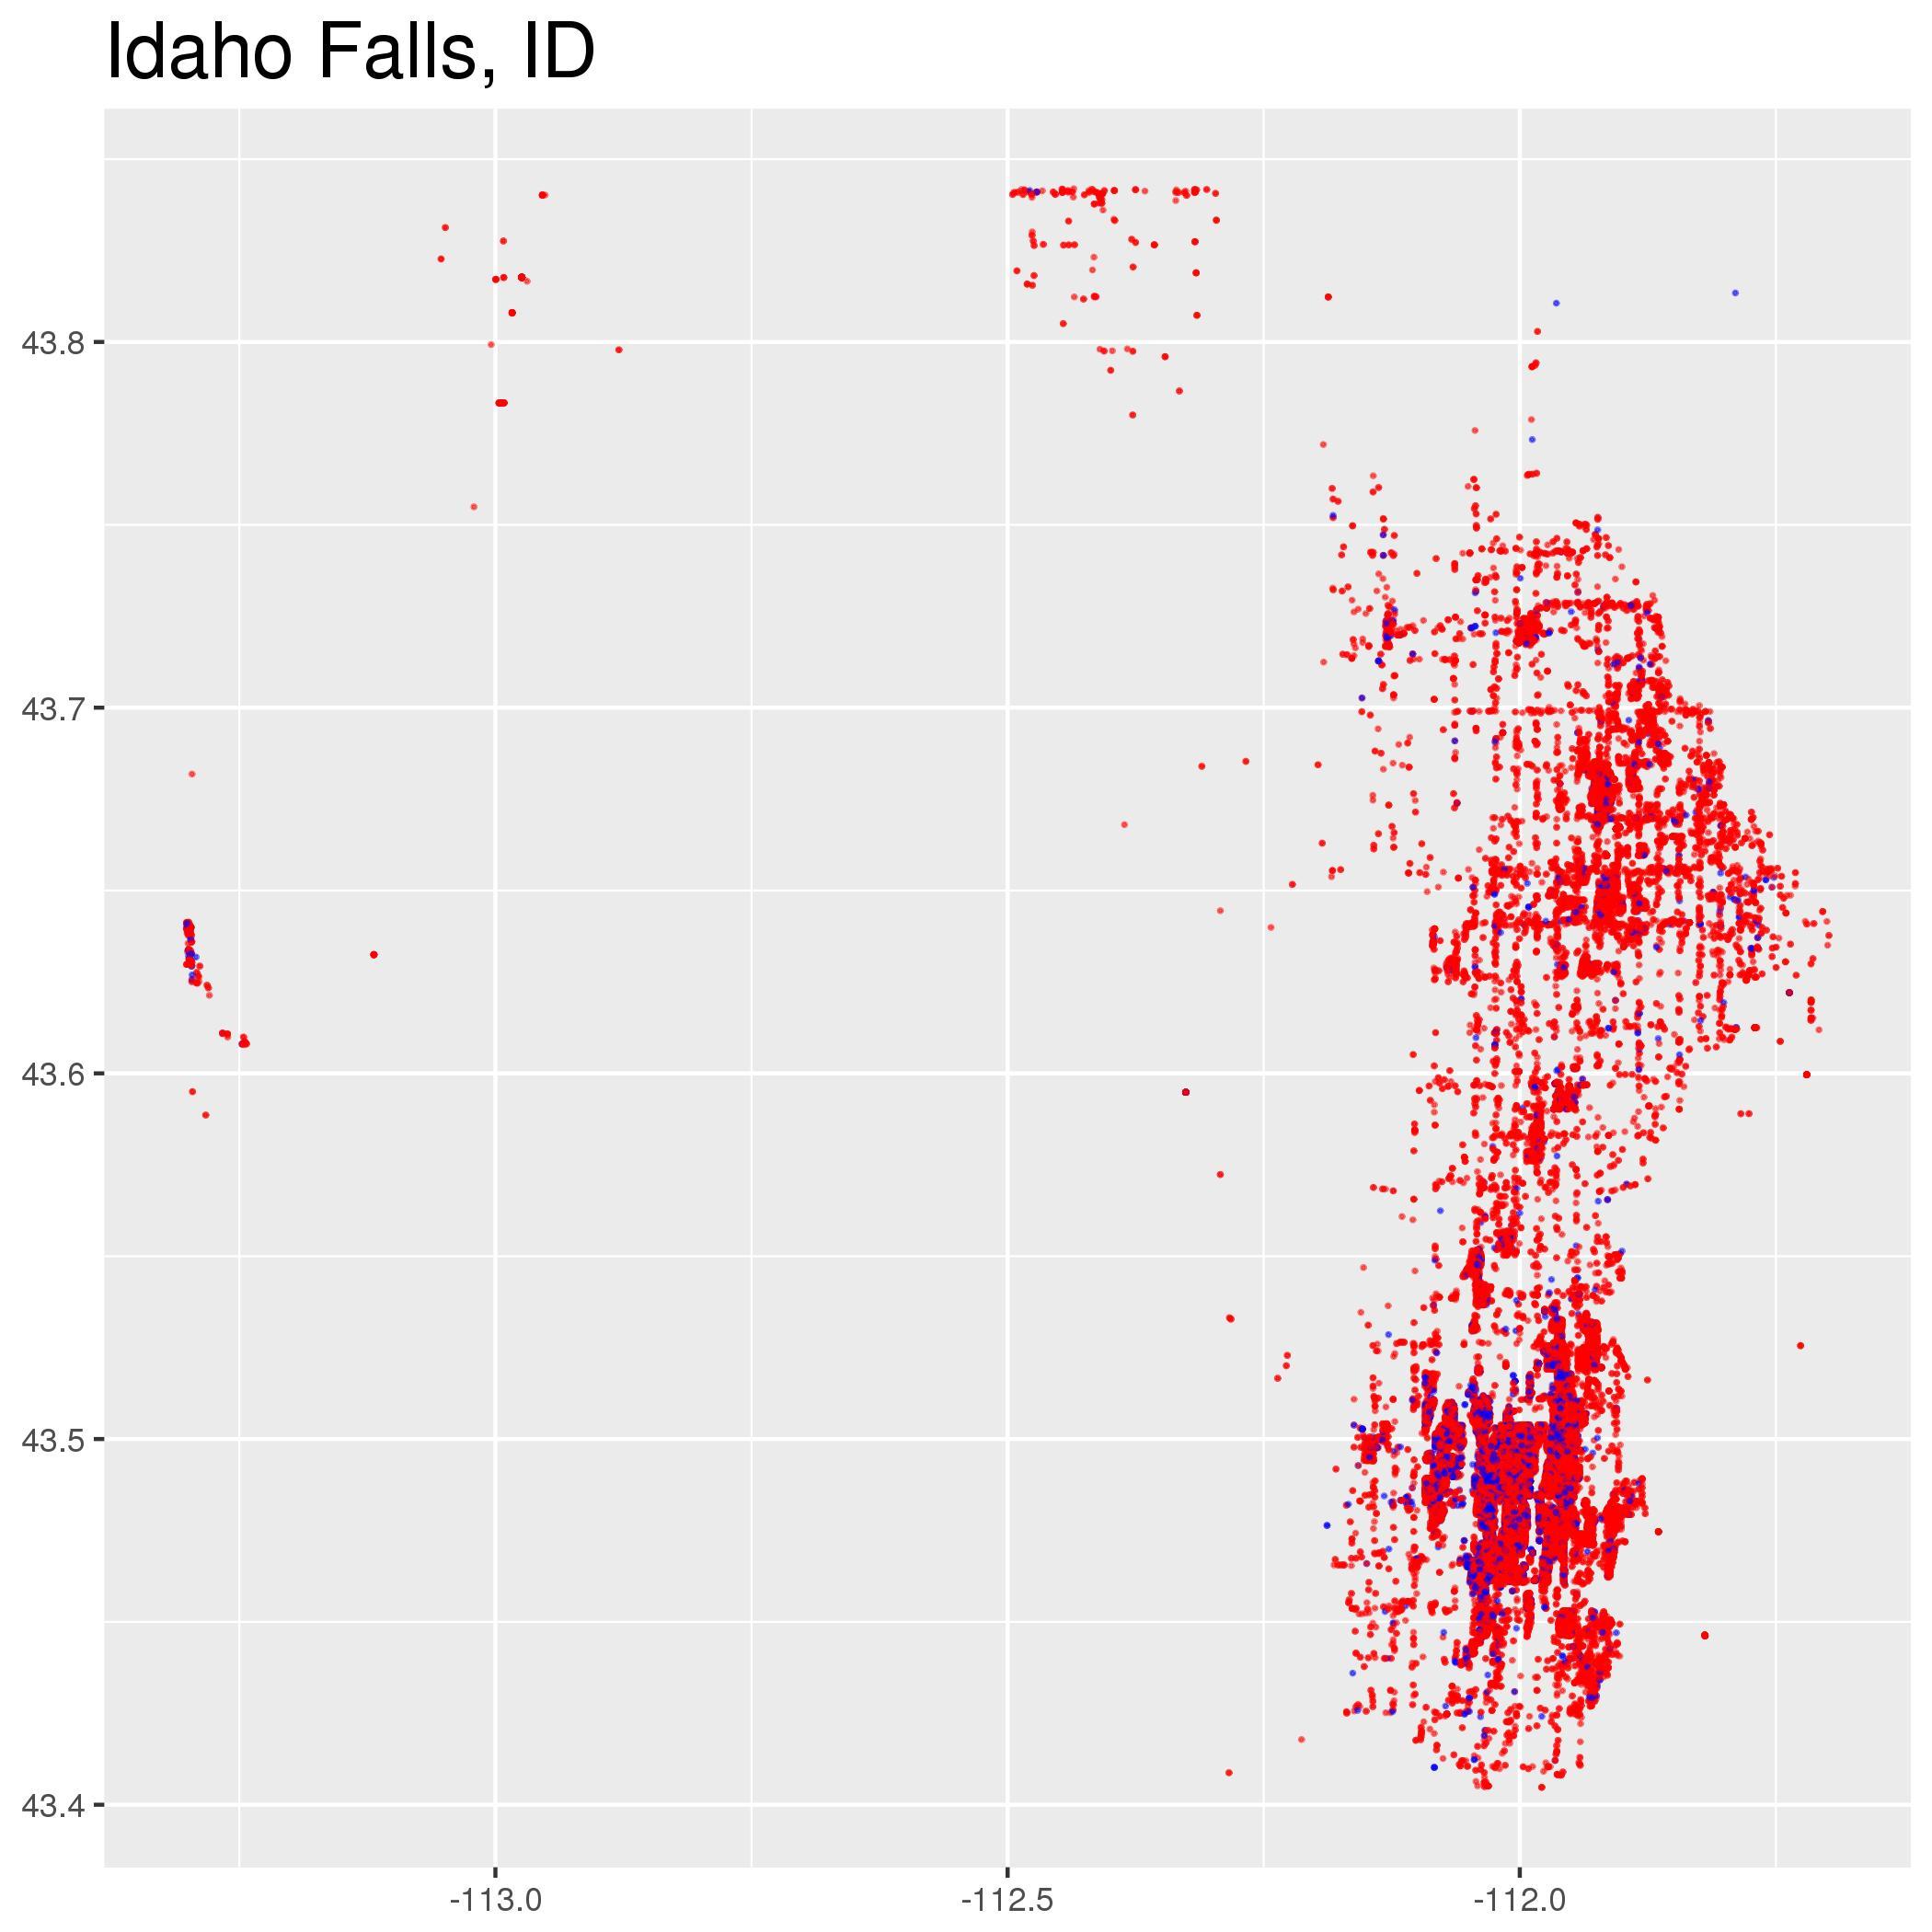 IdahoFallsID.jpeg